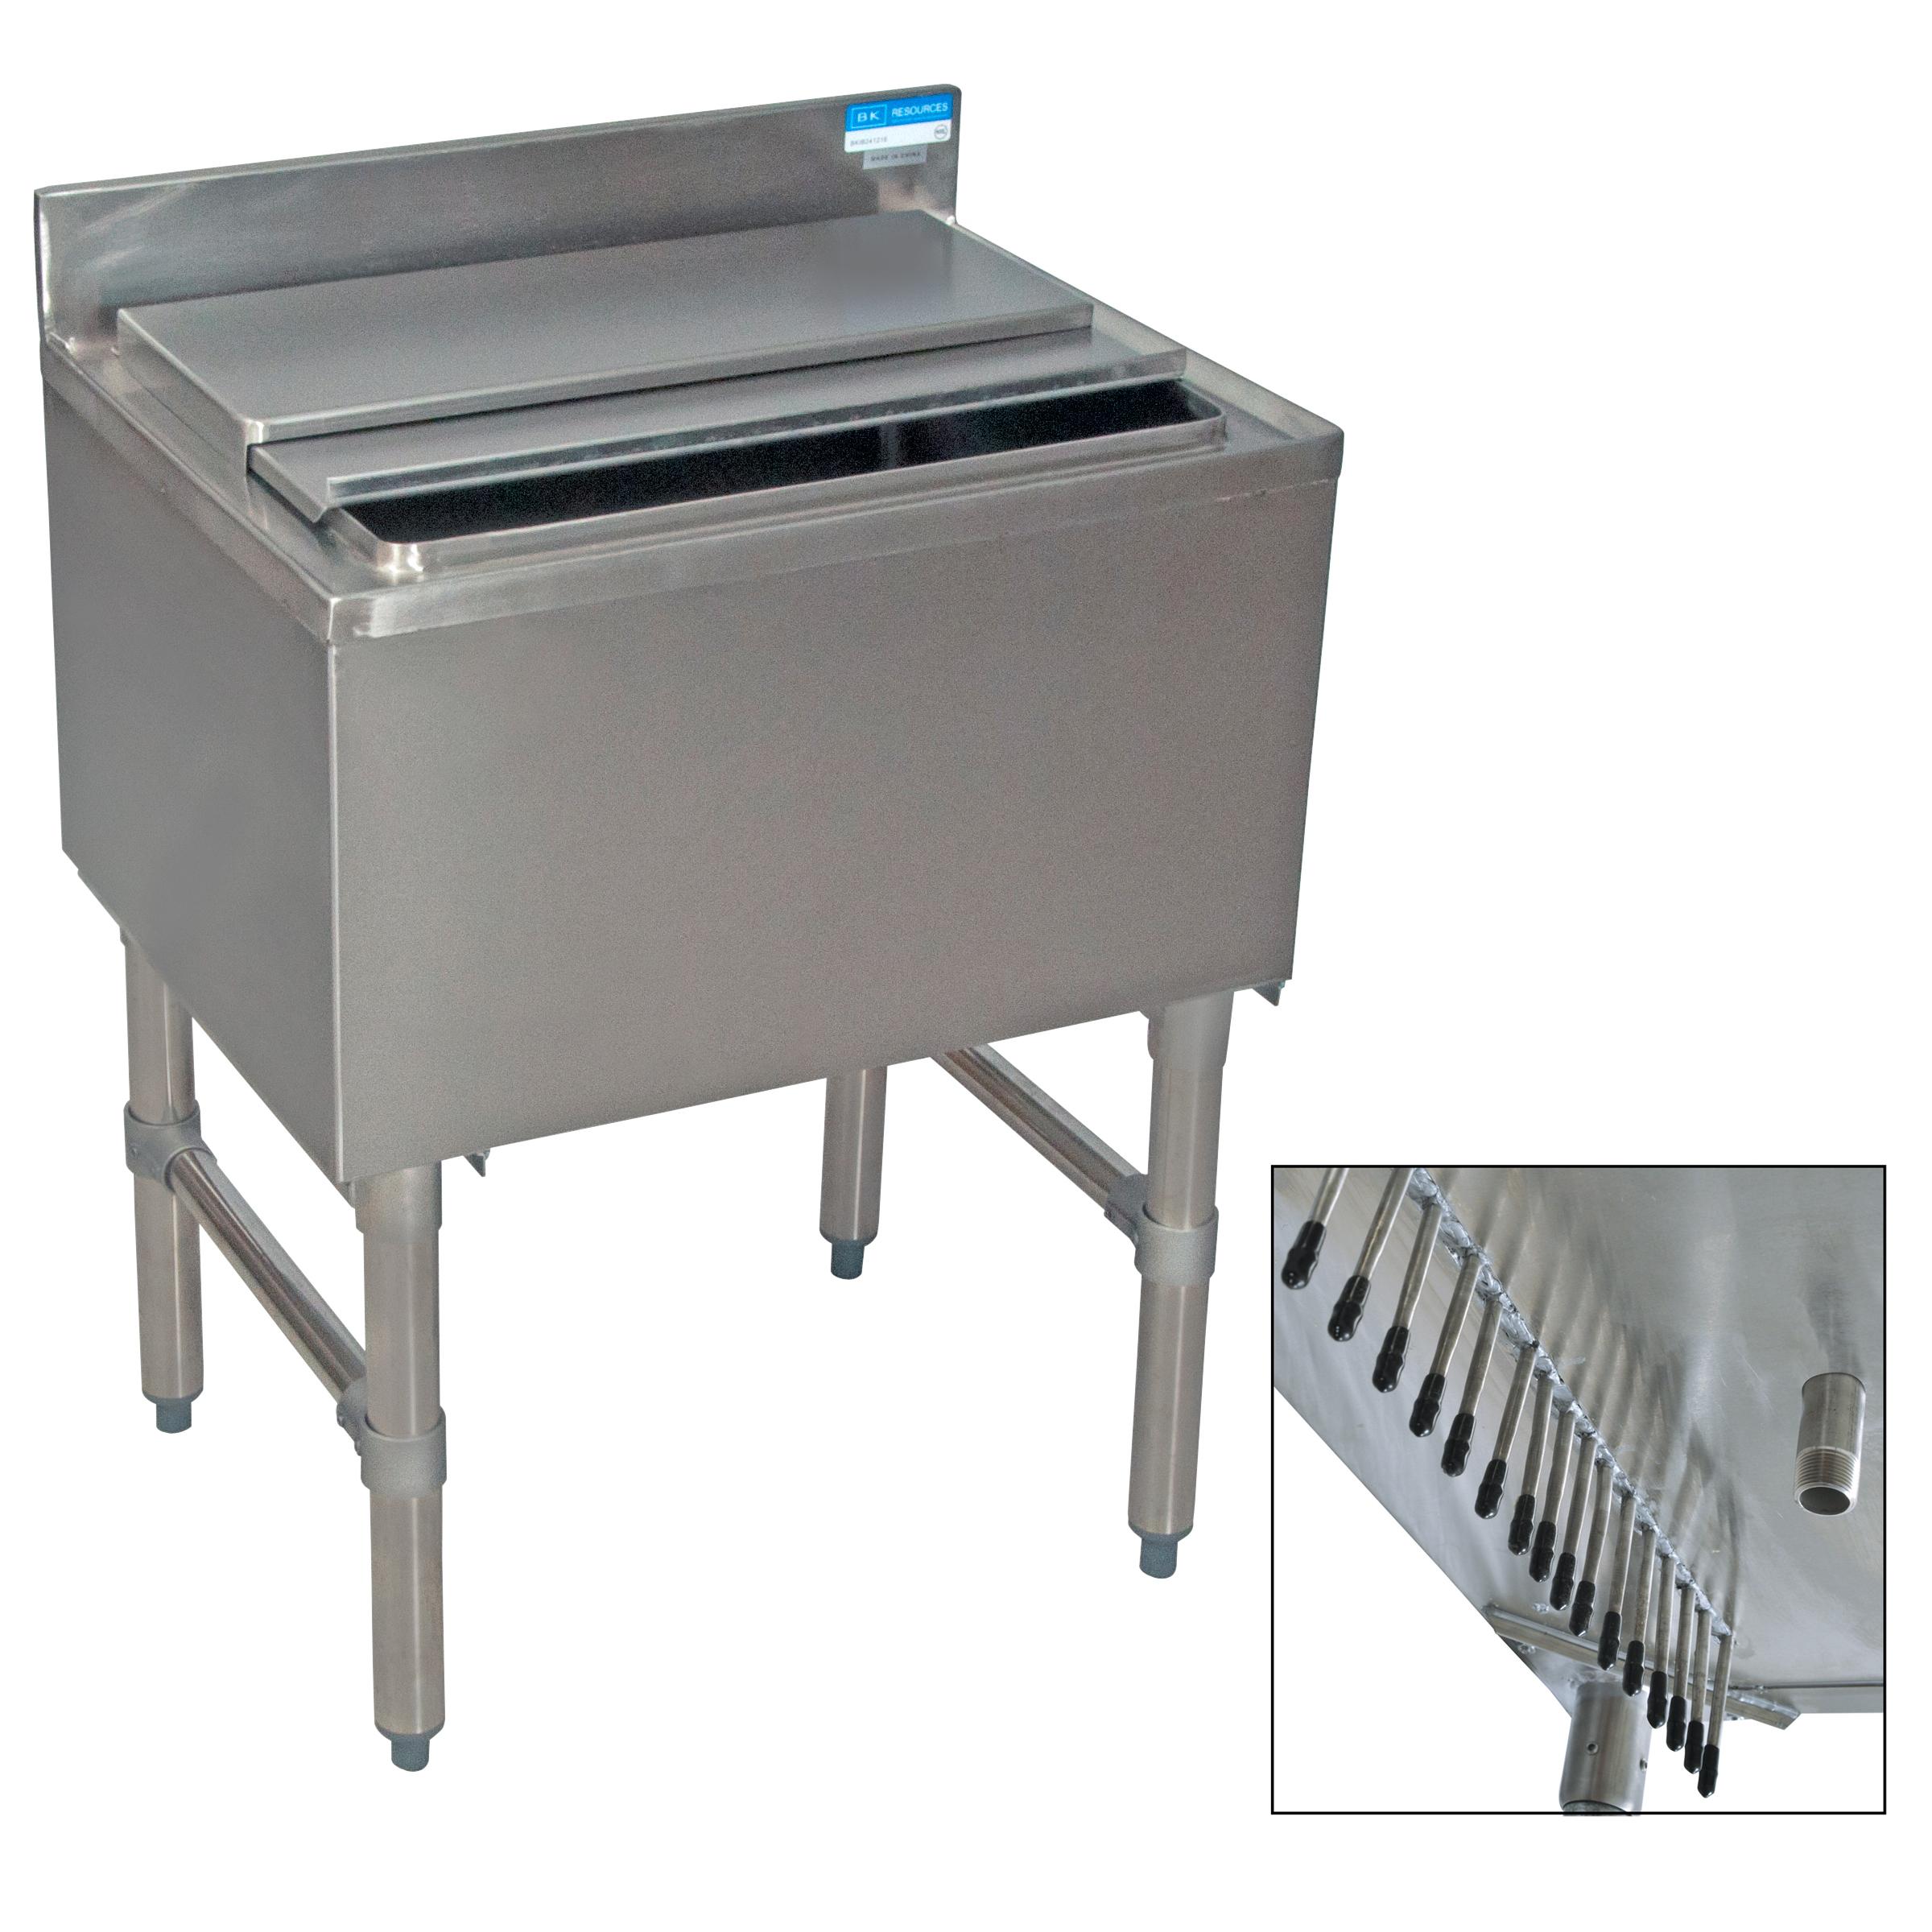 BK Resources BKIB-CP10-4812-21S underbar ice bin/cocktail unit